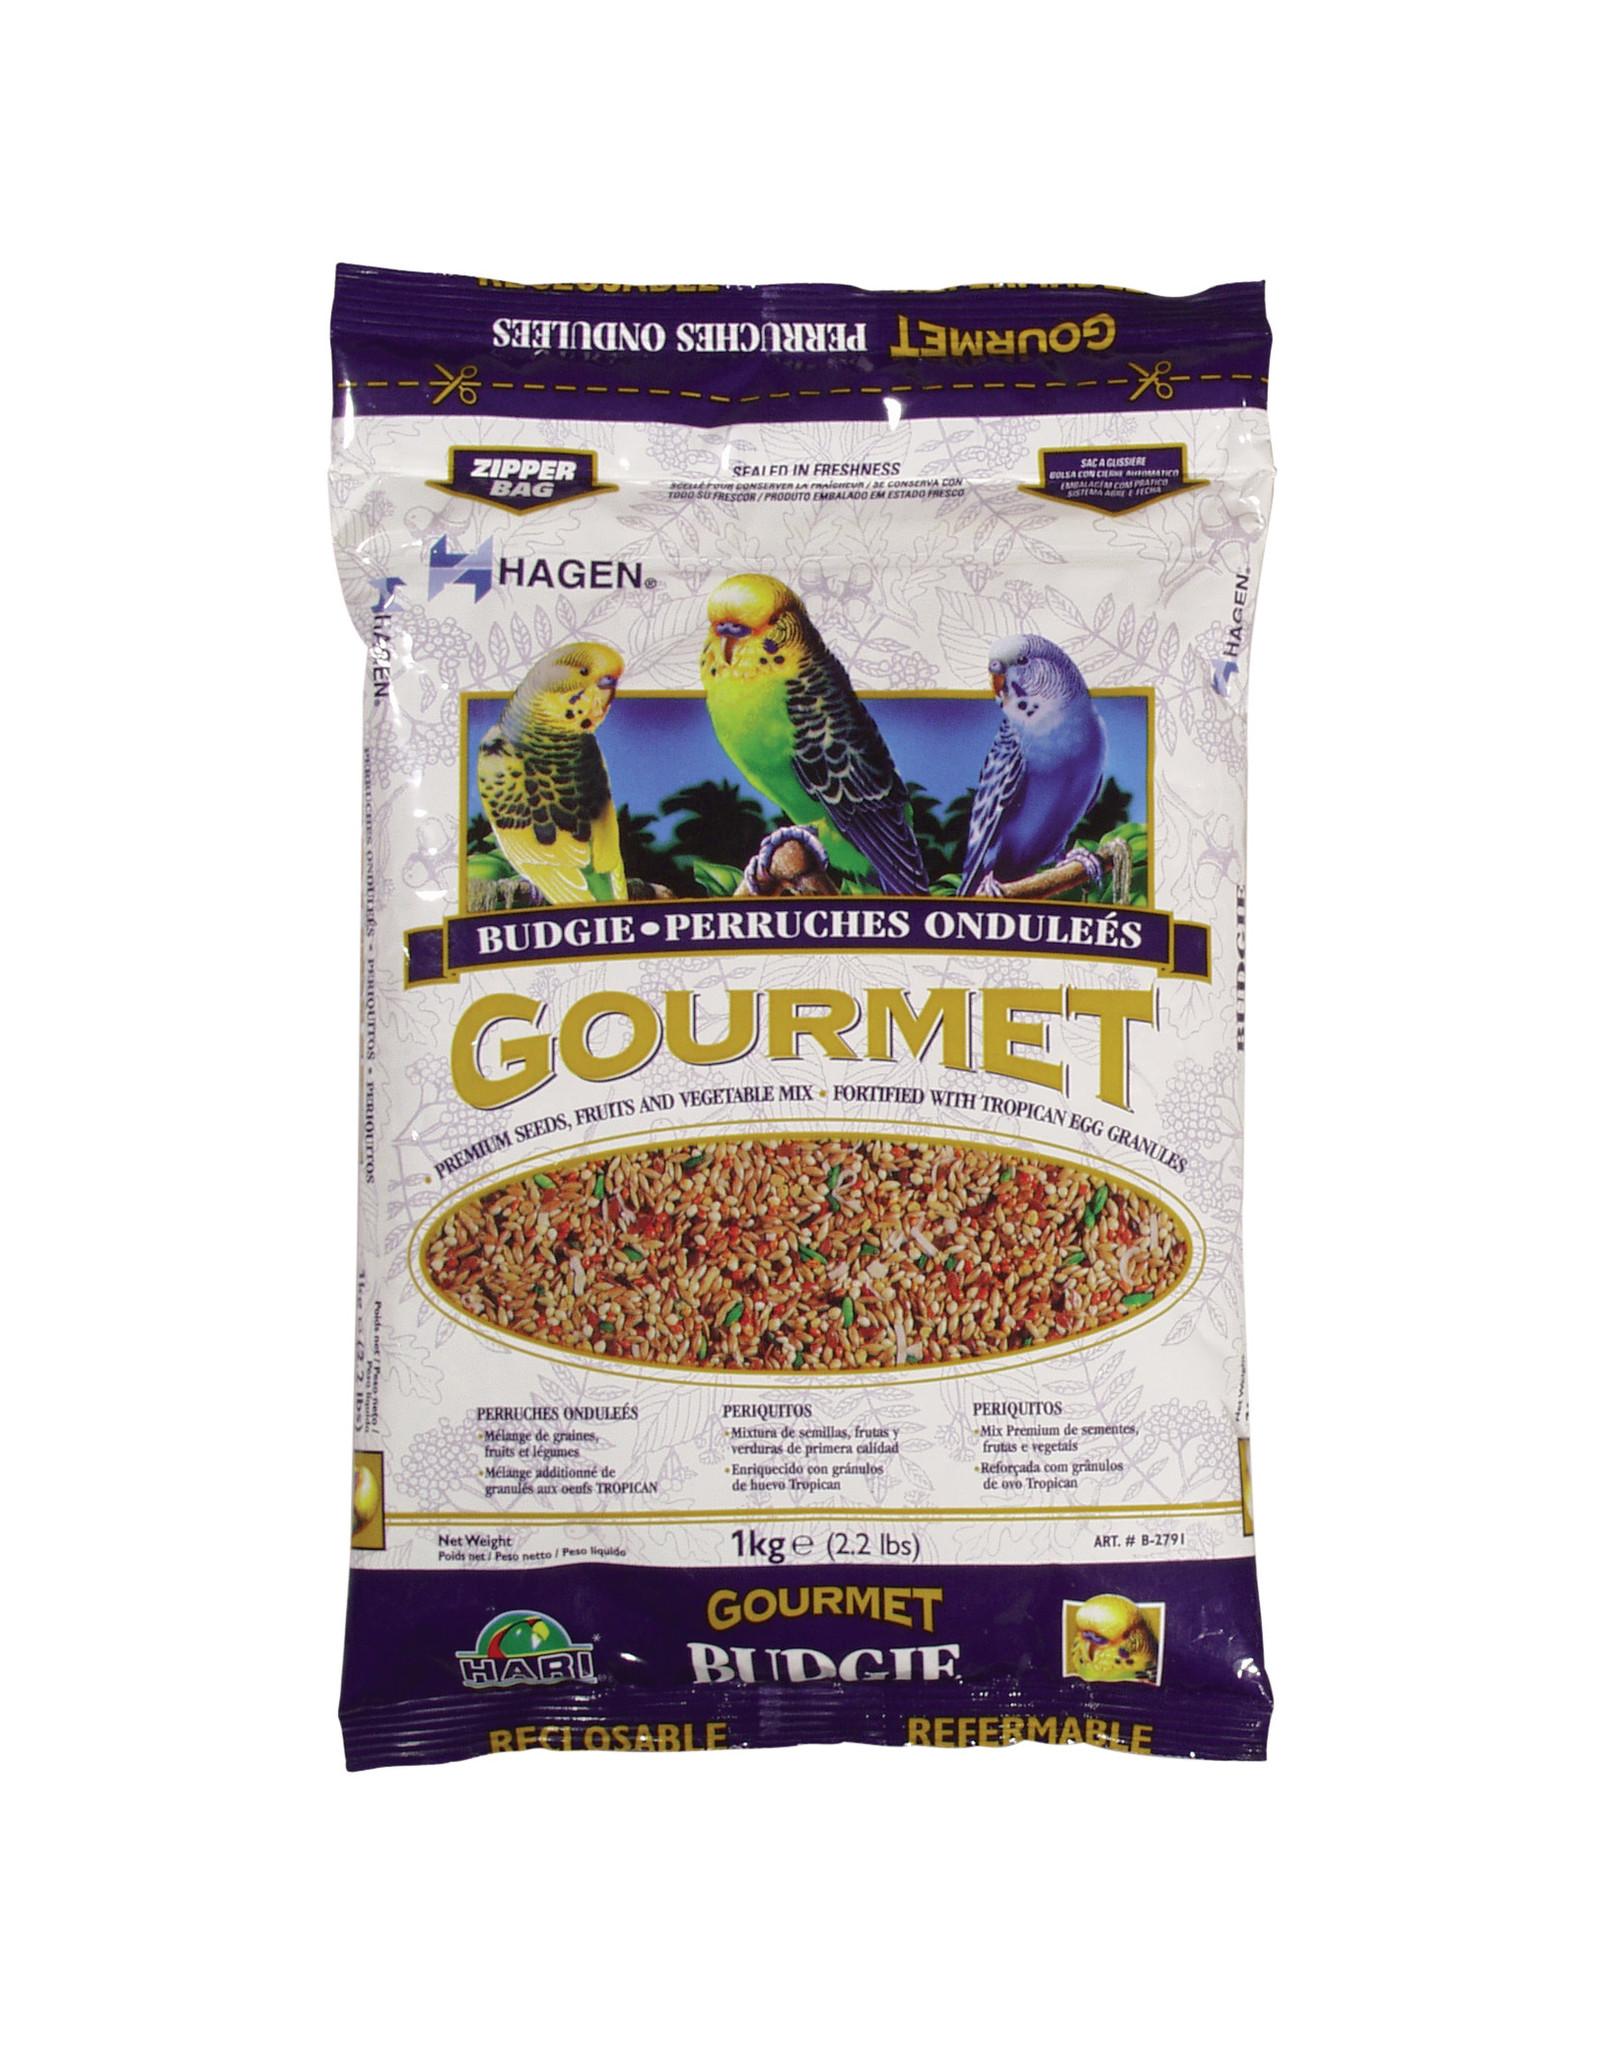 Hagen Hagen Gourmet Seed Mix for Budgies - 1 kg (2.2 lbs)